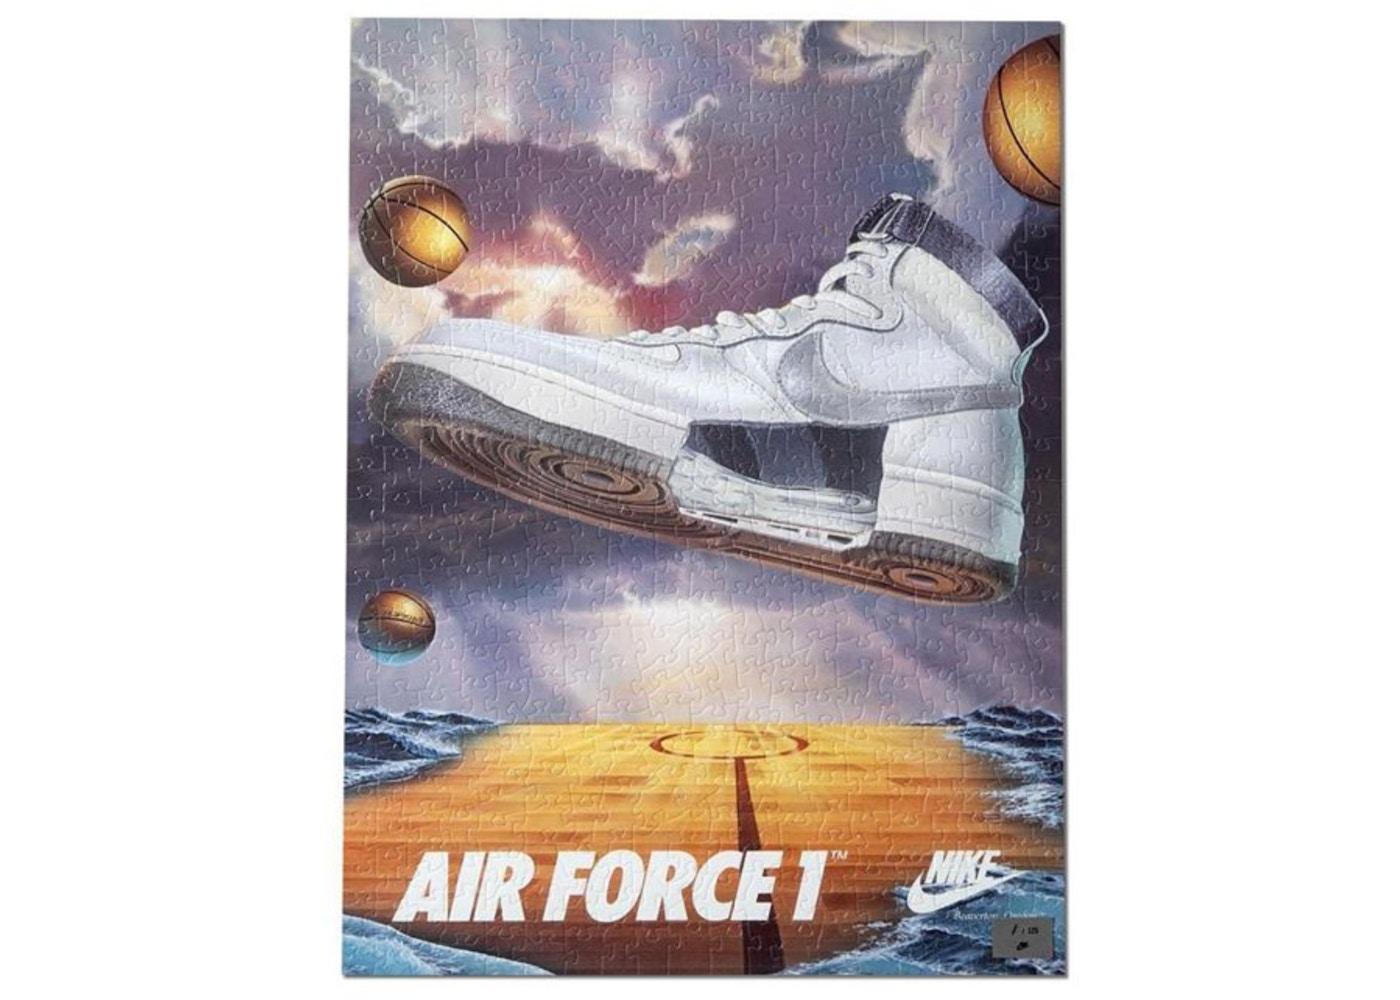 air force 1 nike vintage